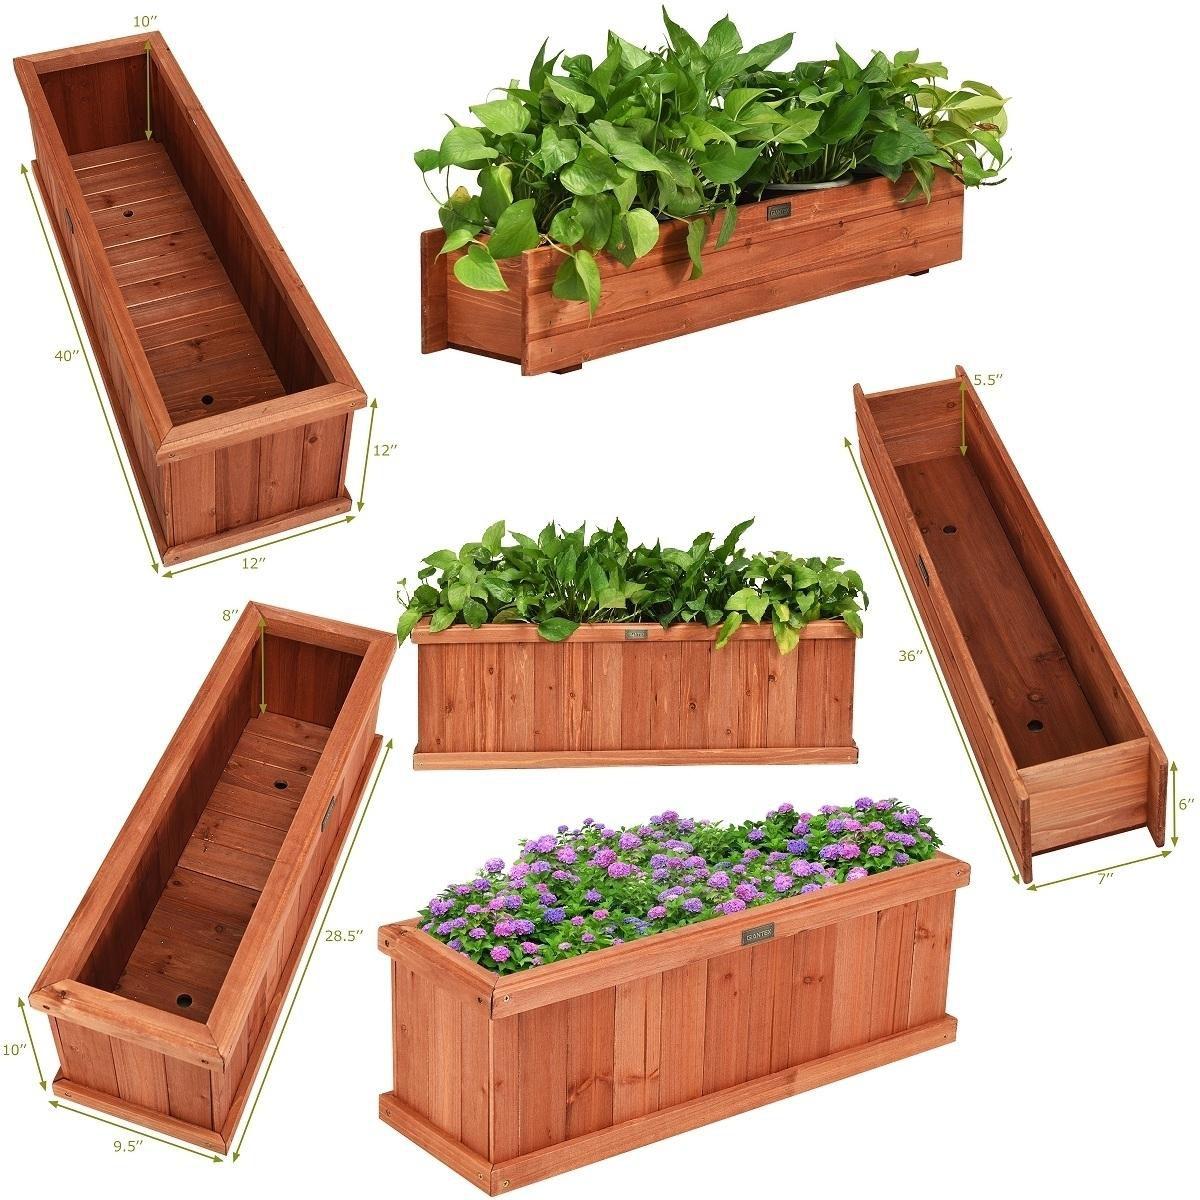 28/36/40 Inch Wooden Flower Planter Box Garden Yard Decorative Window Box Rectangular Size 40 Inch